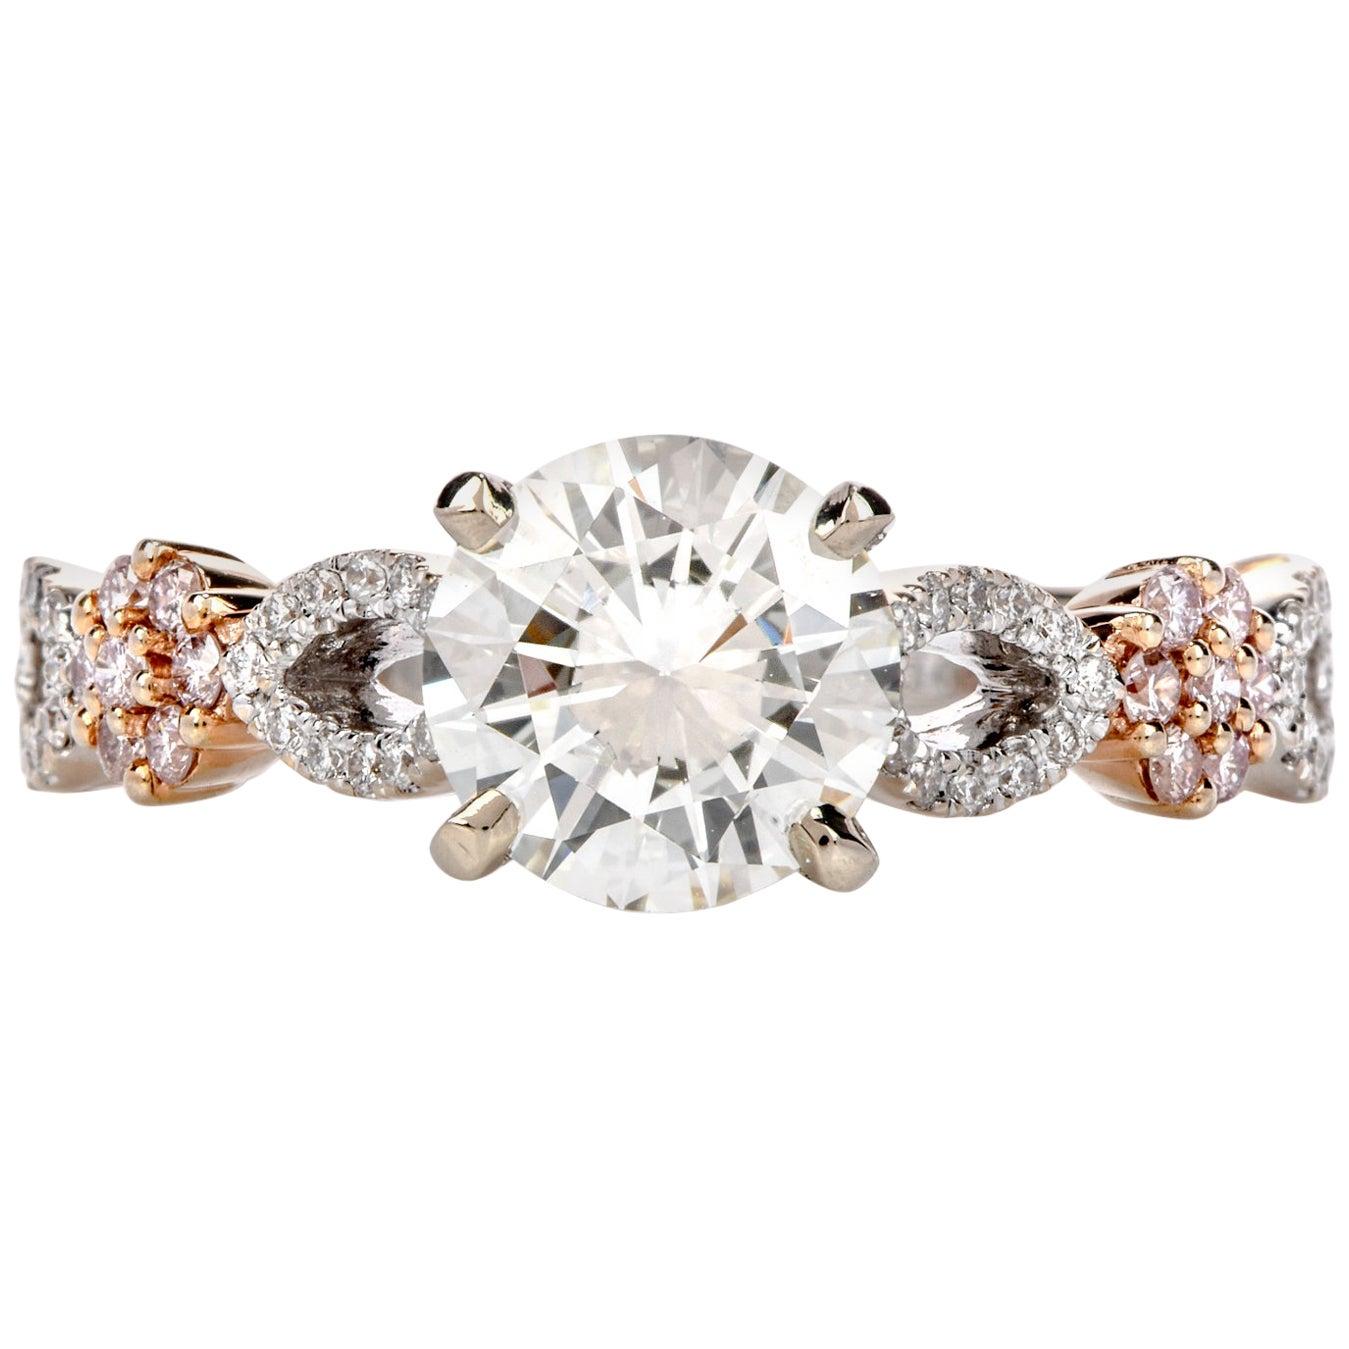 Hidalgo GIA 1.20 Carat White and Pink Diamond 18 Karat Gold Engagement Ring